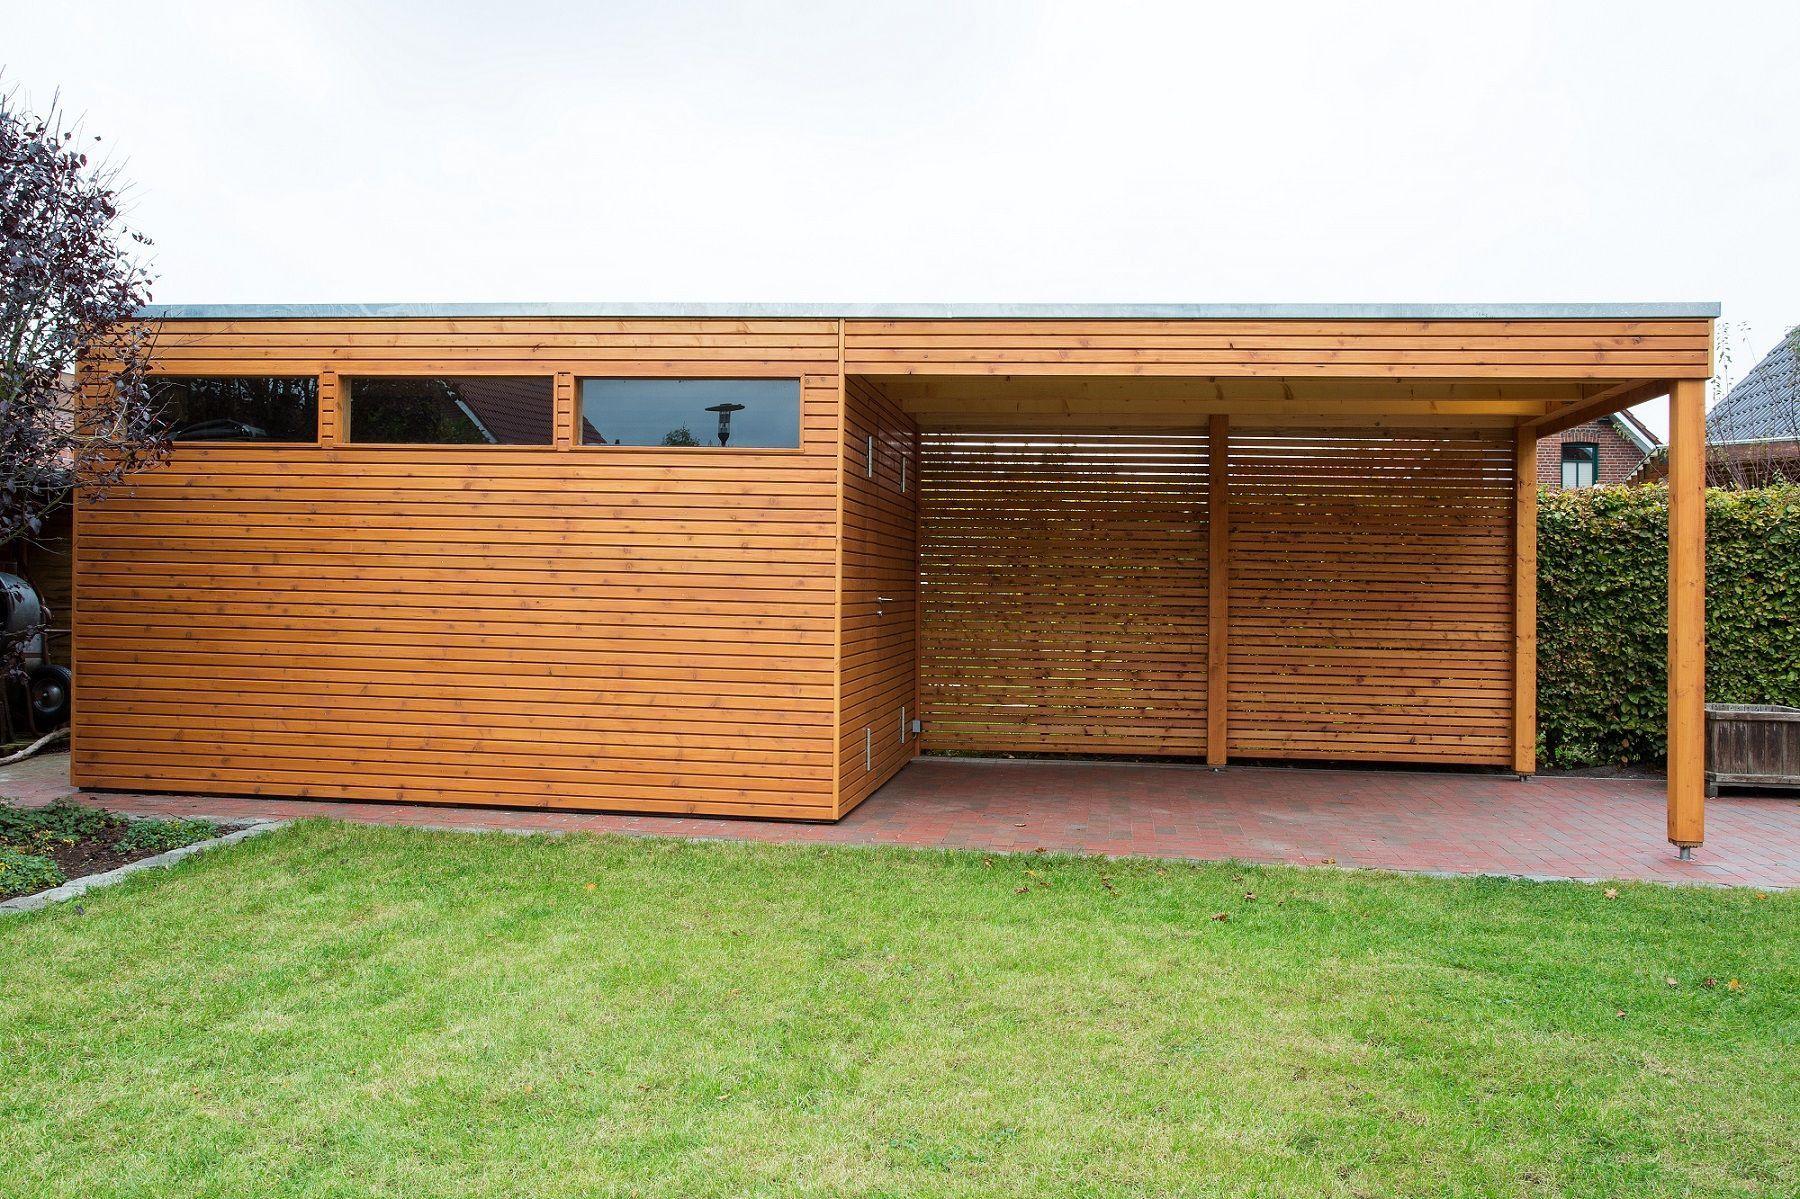 27 Einzigartig Gartenhaus Mit Schuppen Planen Design Gartenhaus Gartenhaus Holz Flachdach Gartenhaus